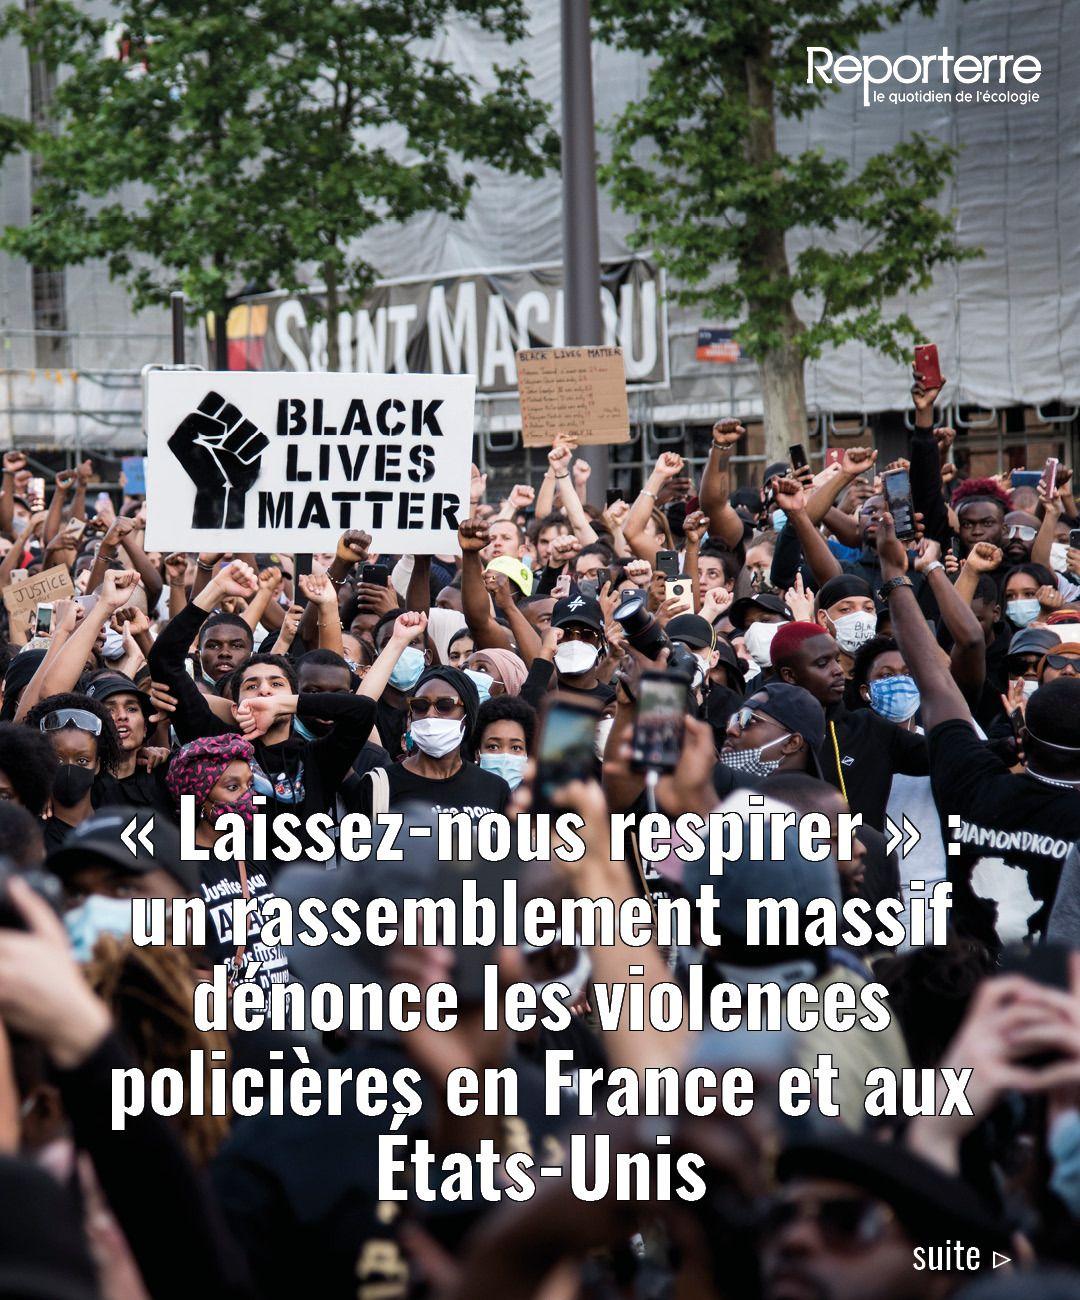 Un Rassemblement Massif Denonce Les Violences Policieres En France Et Aux Etats Unis En 2020 Violences Policieres Rassemblement Hommage Aux Victimes